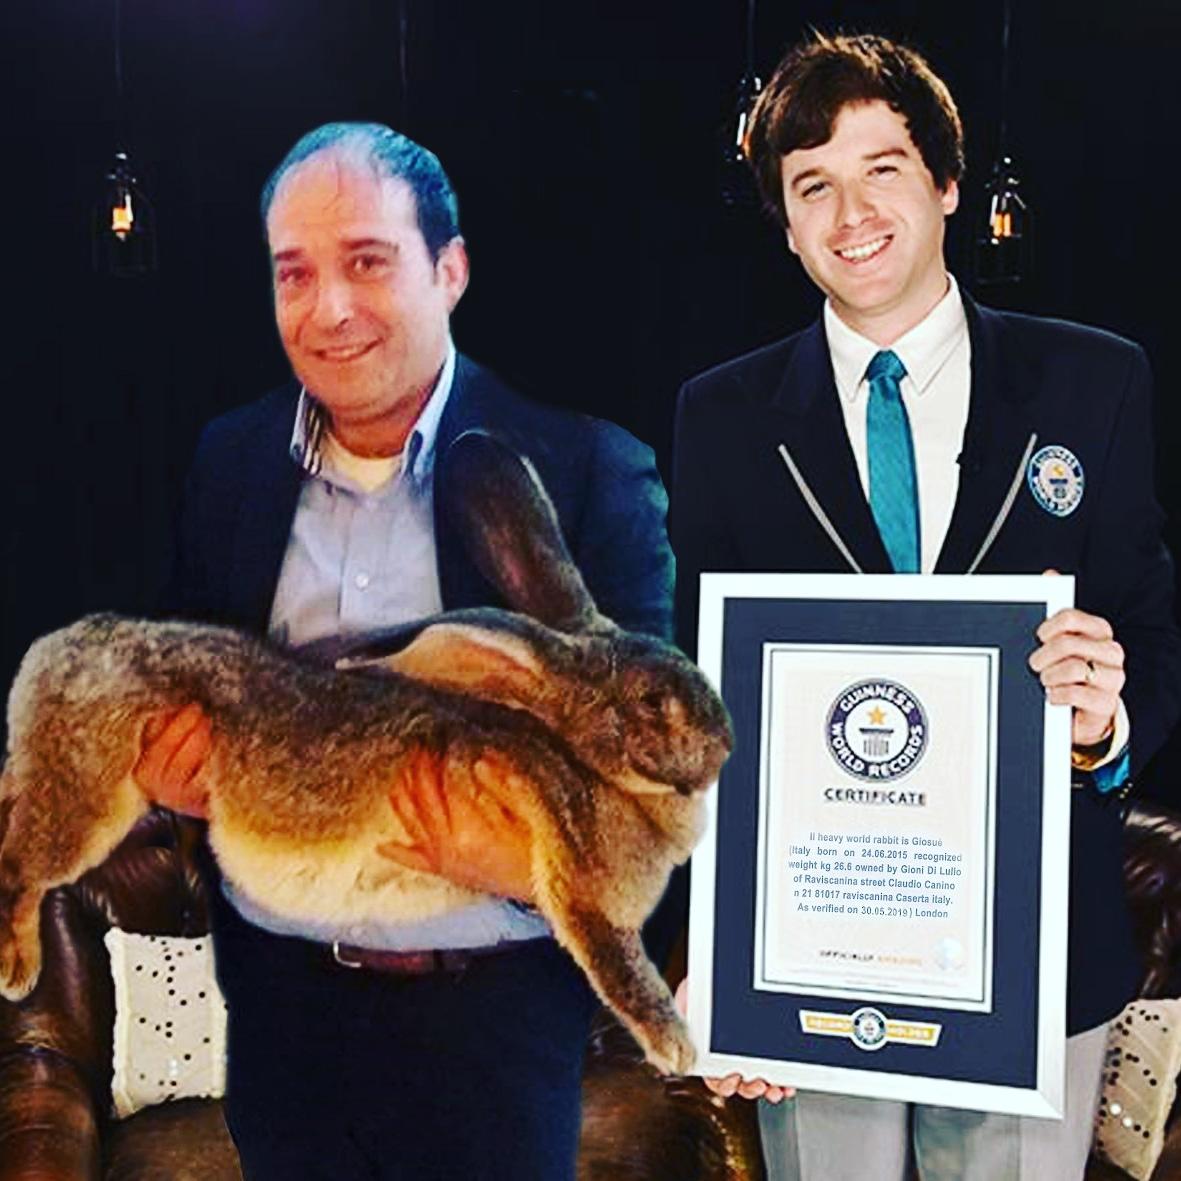 Su RaiUno da Raviscanina Gioni di Lullo e il coniglio più grande del mondo